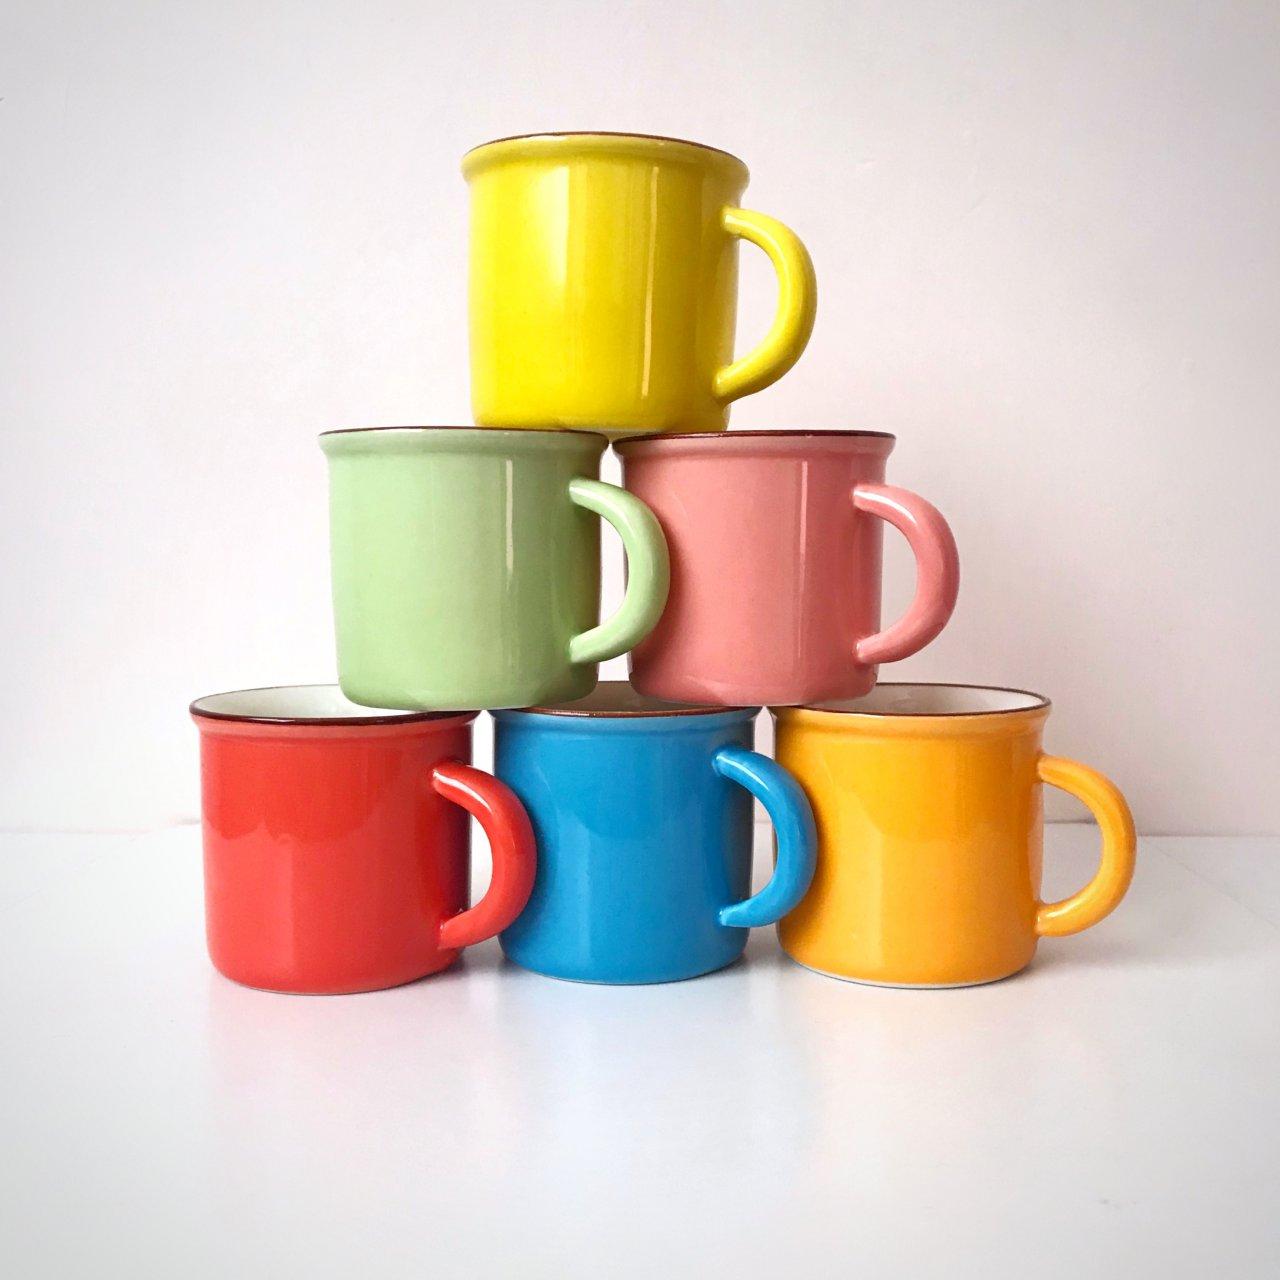 فنجان رنگی قهوه ۶ عددی